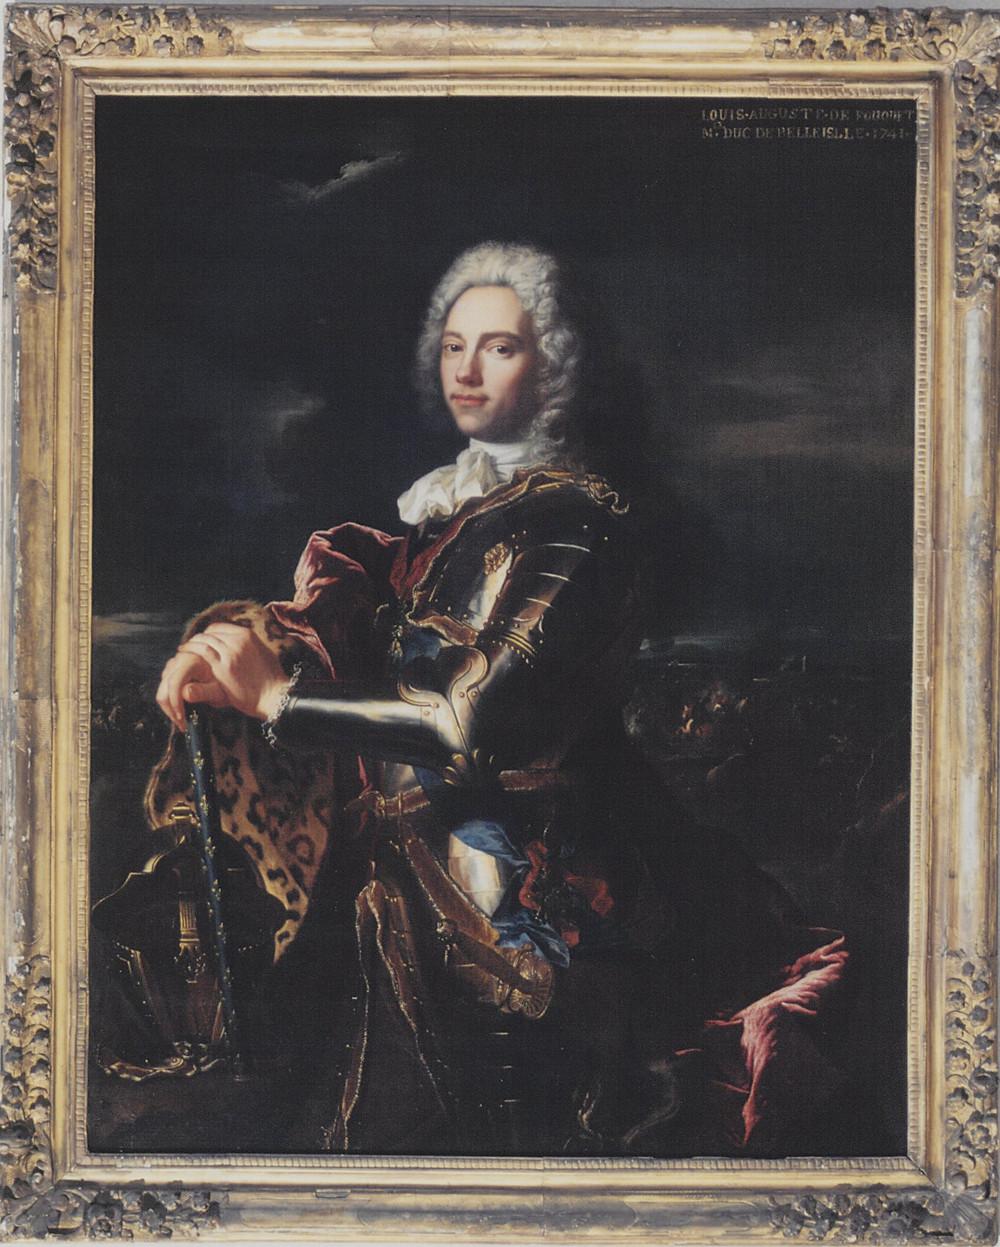 Hyacinthe Rigaud et atelier, Portrait de Charles Louis Auguste Fouquet de Belle-Isle, 1713-1714 et retouché vers 1741-1742, Manom, château de La Grange, collection particulière